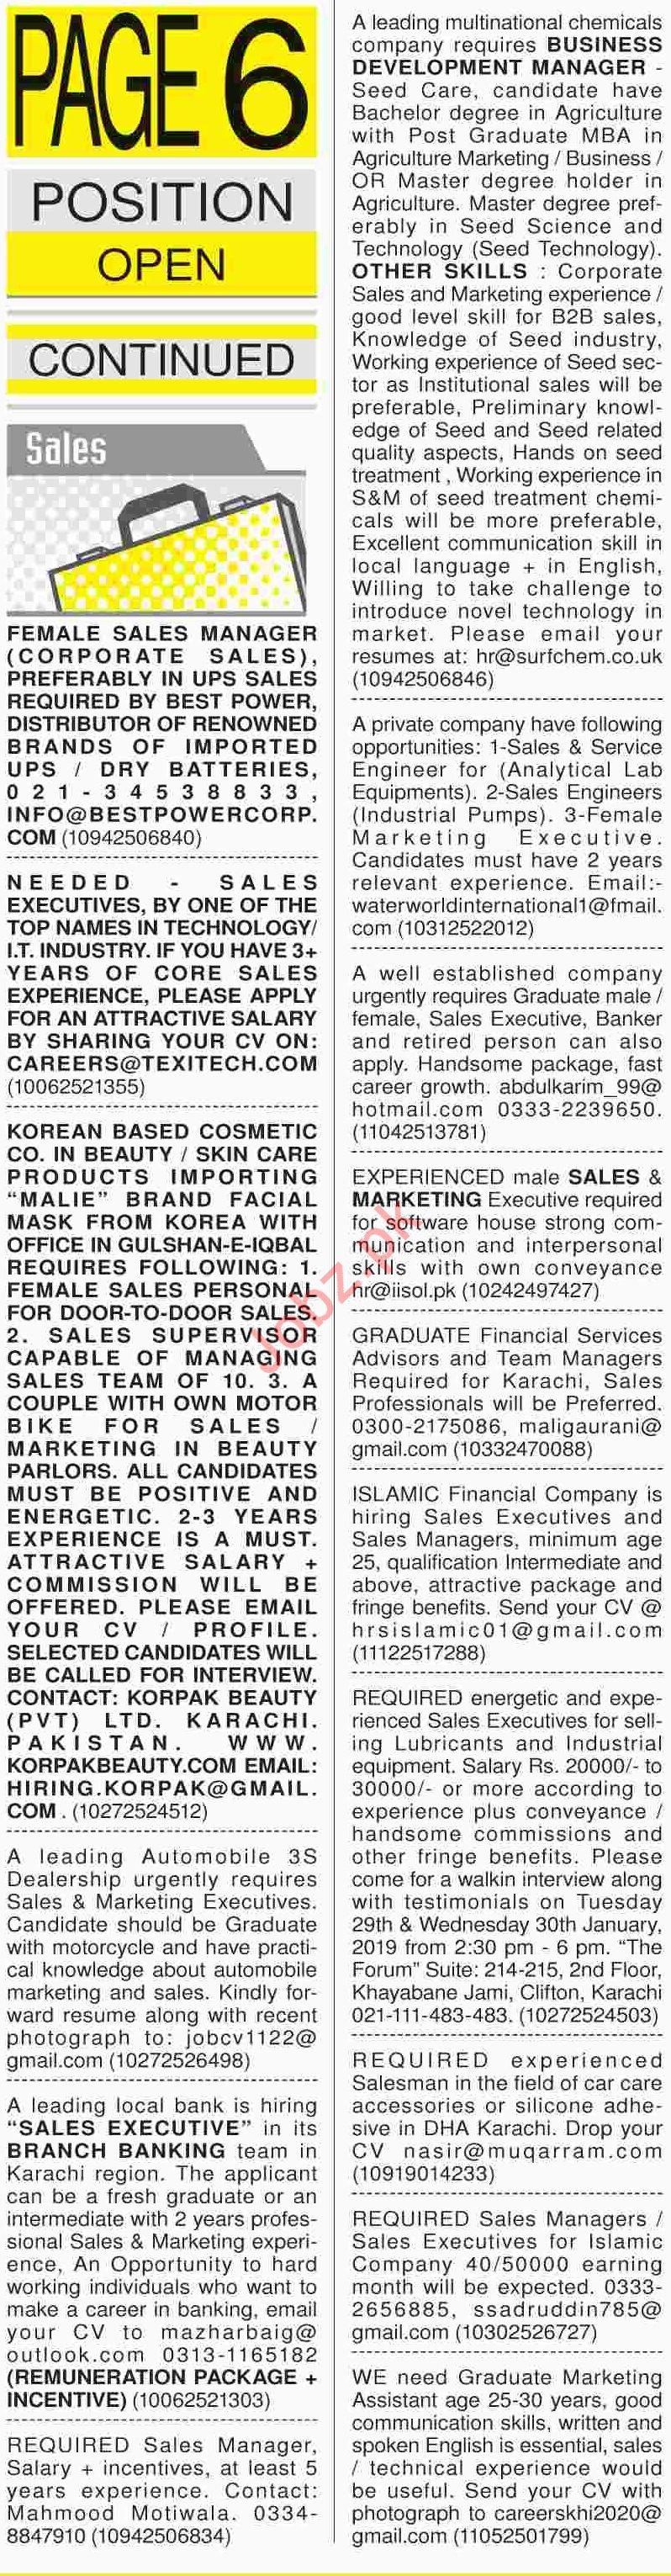 Dawn Sunday Newspaper Sales Classified Jobs 27/01/2019